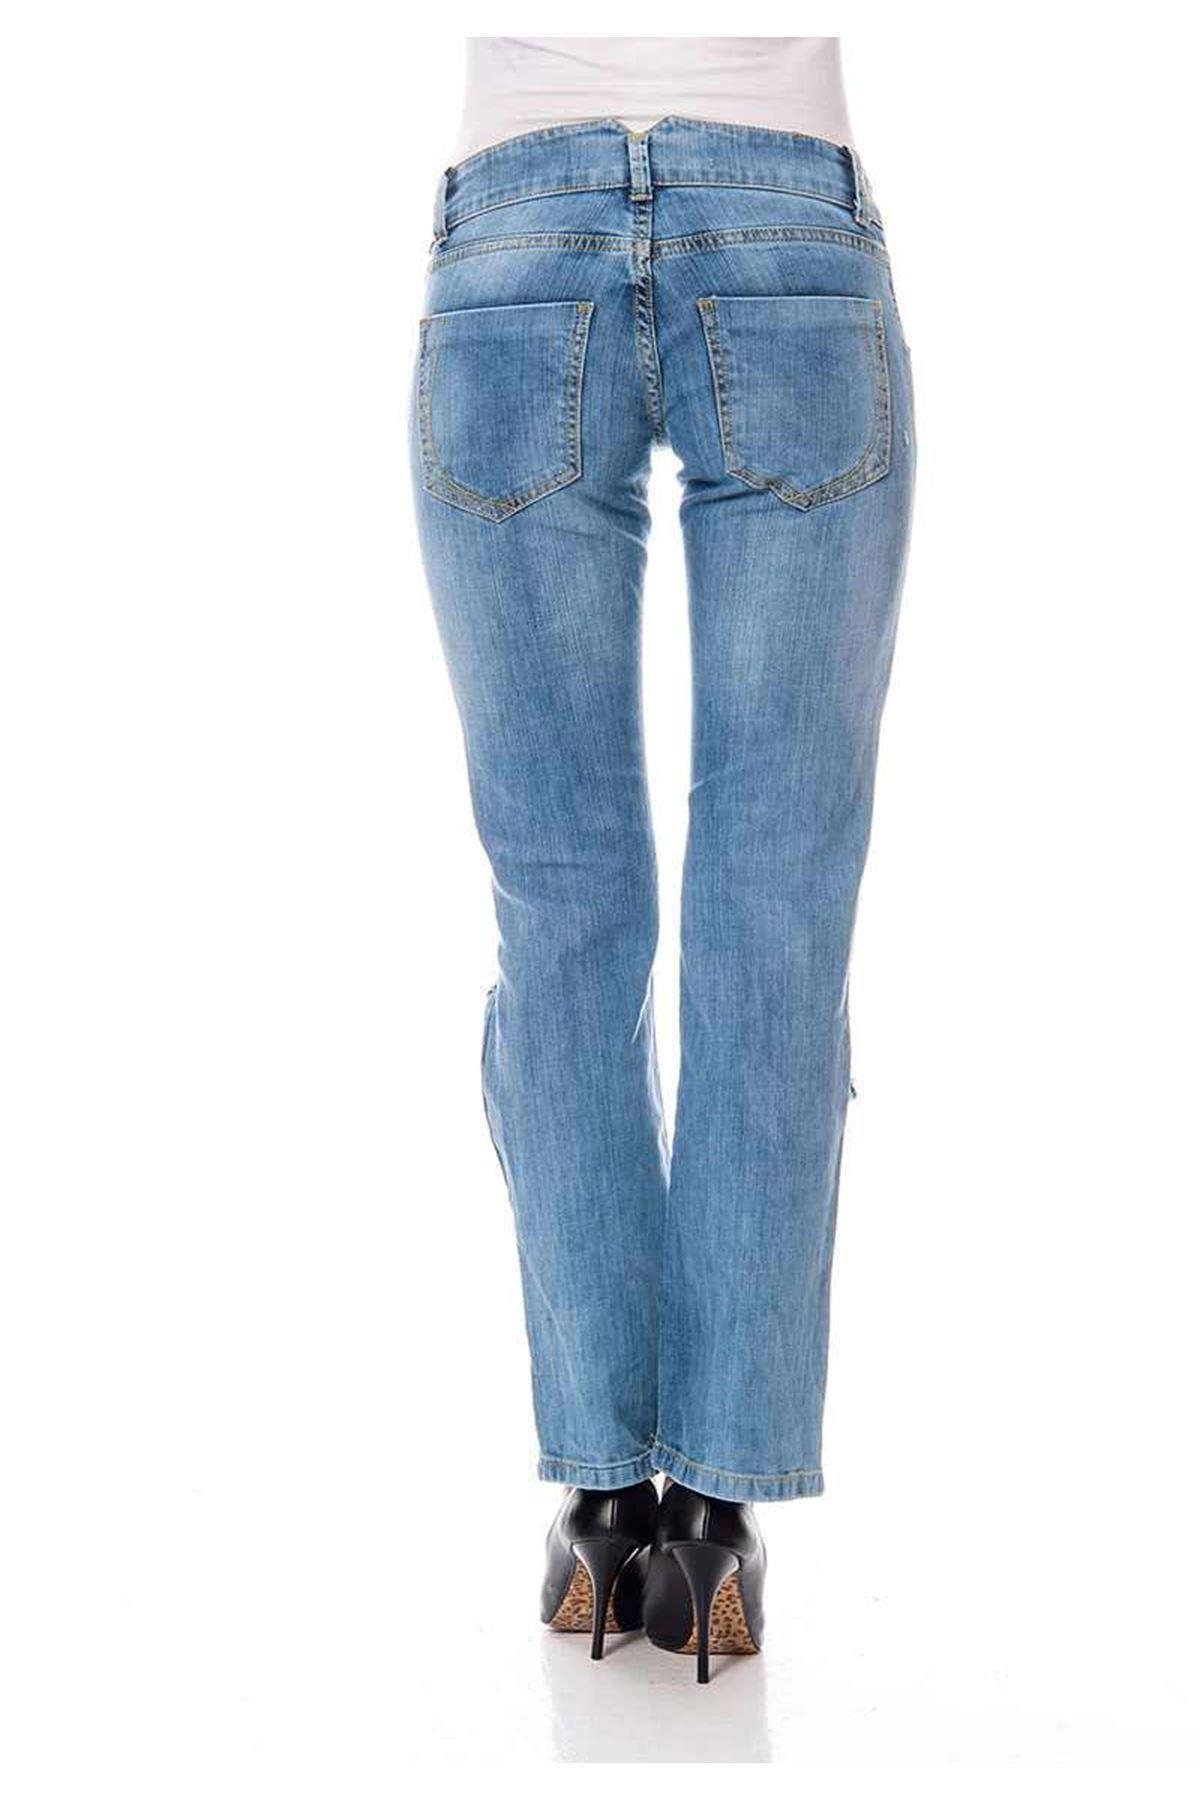 Mavi Yırtık Kadın Kot Pantolon 5A-116461